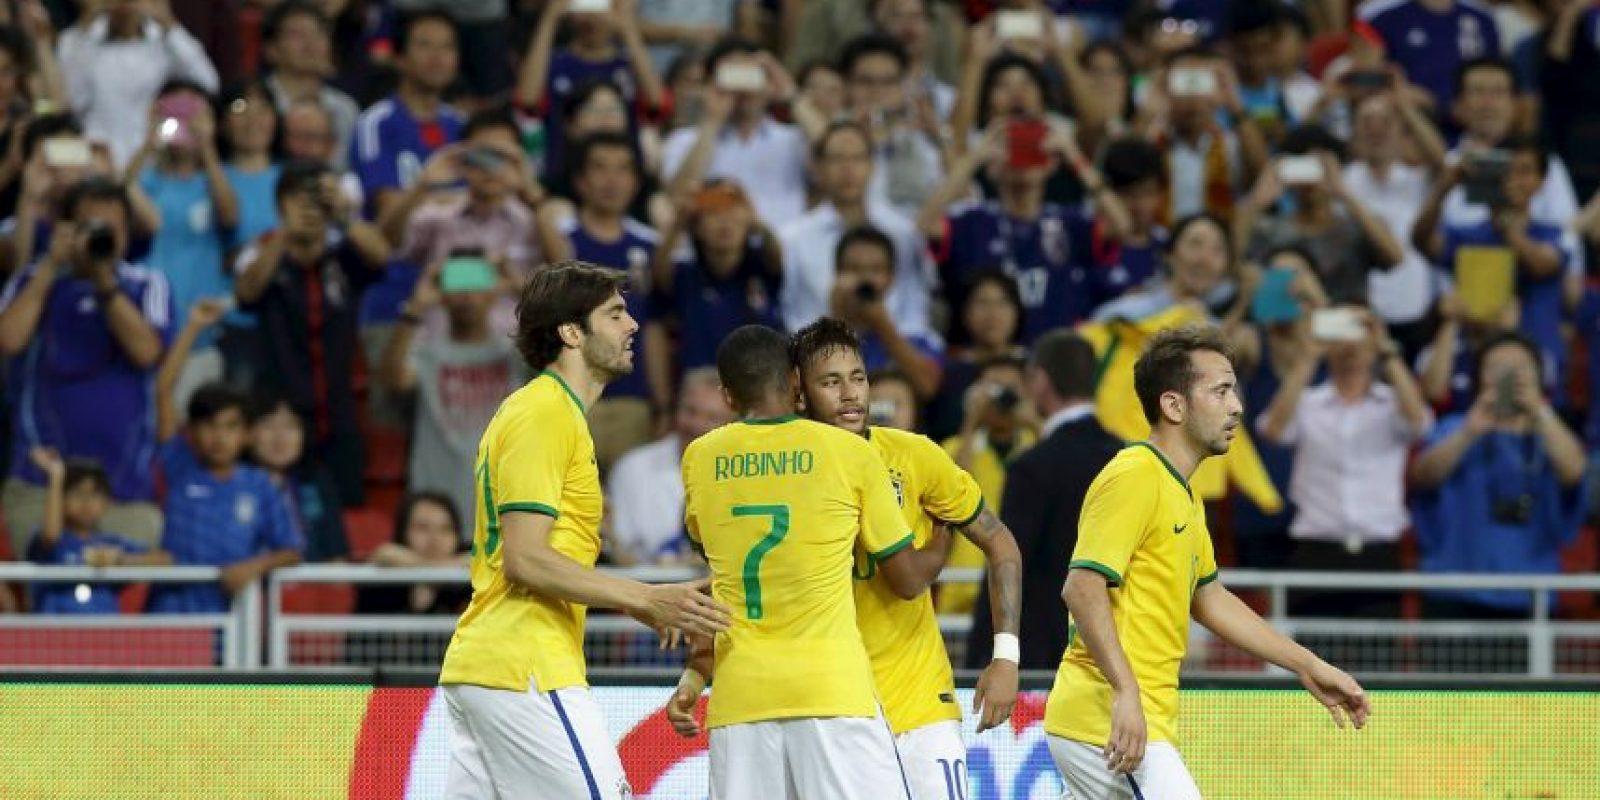 Y gracias a sus buenas refeencias, otro crack brasiló se acerca a la Liga MX Foto:Getty